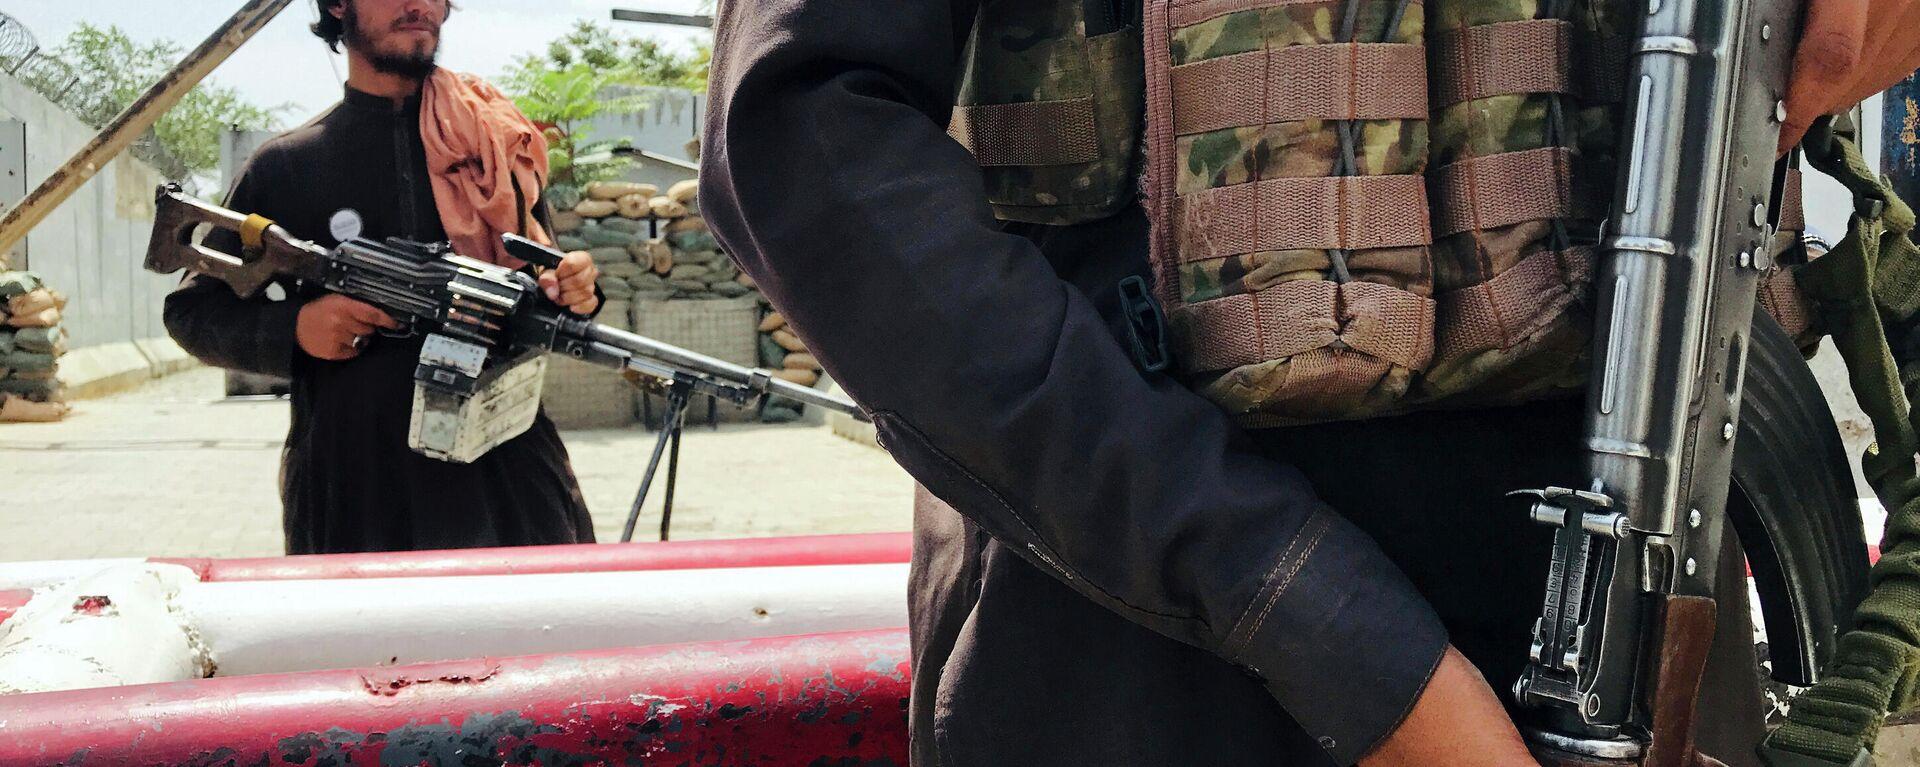 Боевики Талибана патрулируют район Вазир Акбар Хан в городе Кабул, Афганистан - Sputnik Таджикистан, 1920, 05.10.2021